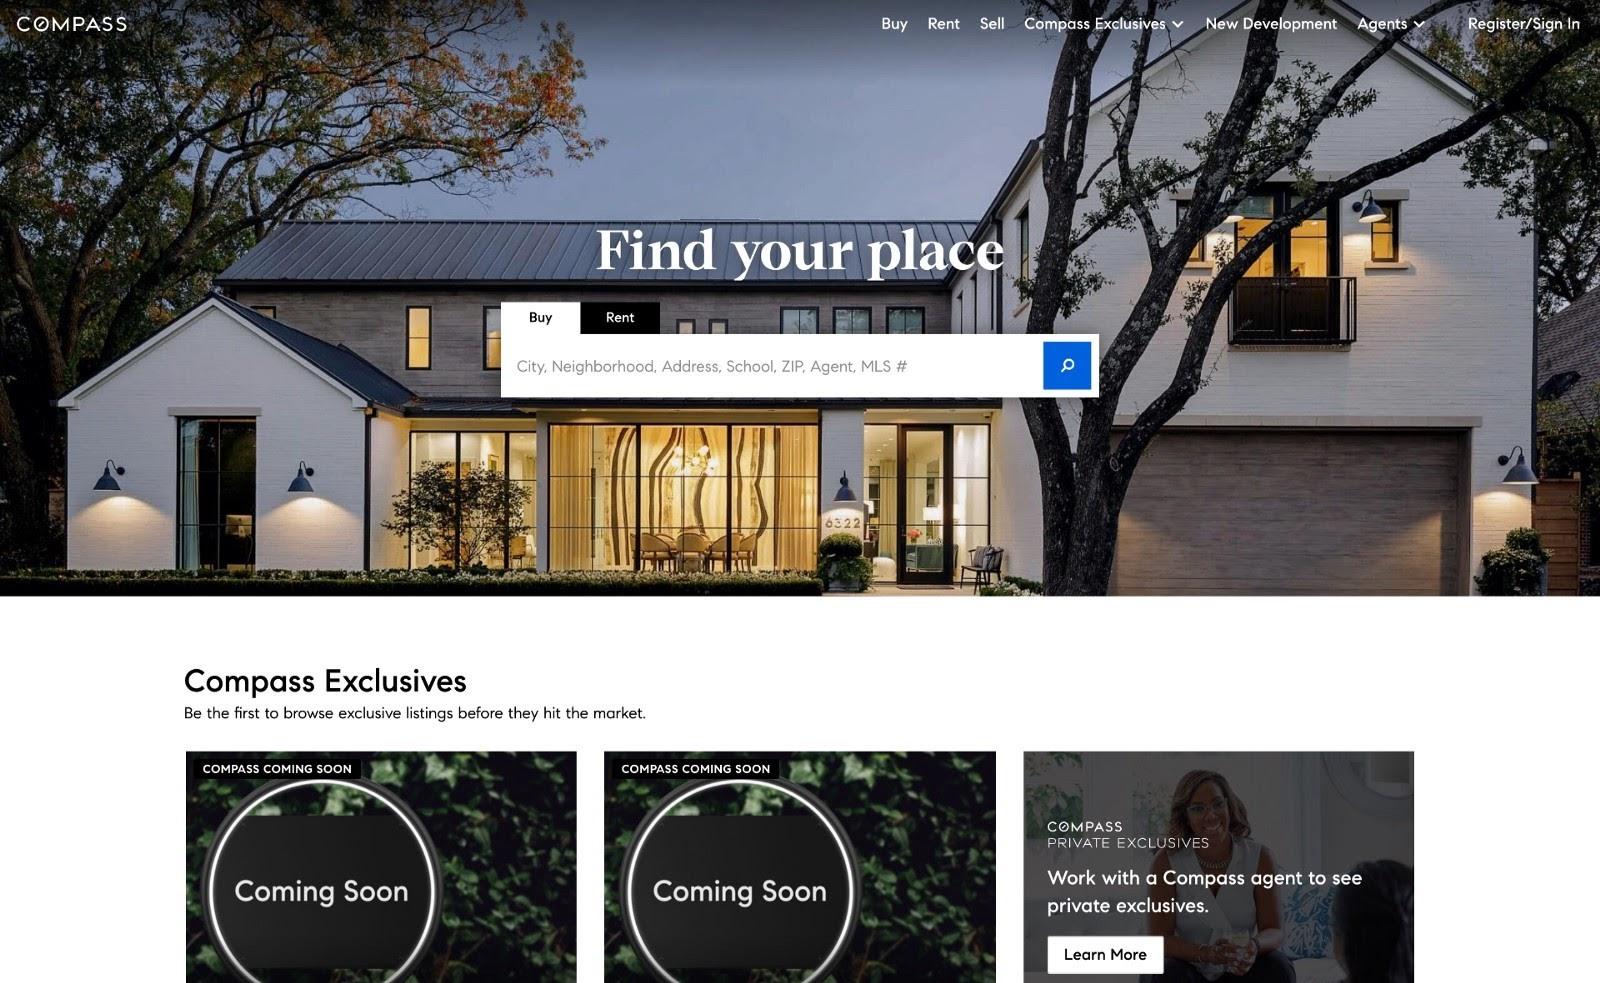 Example of a business website (Compass.com)